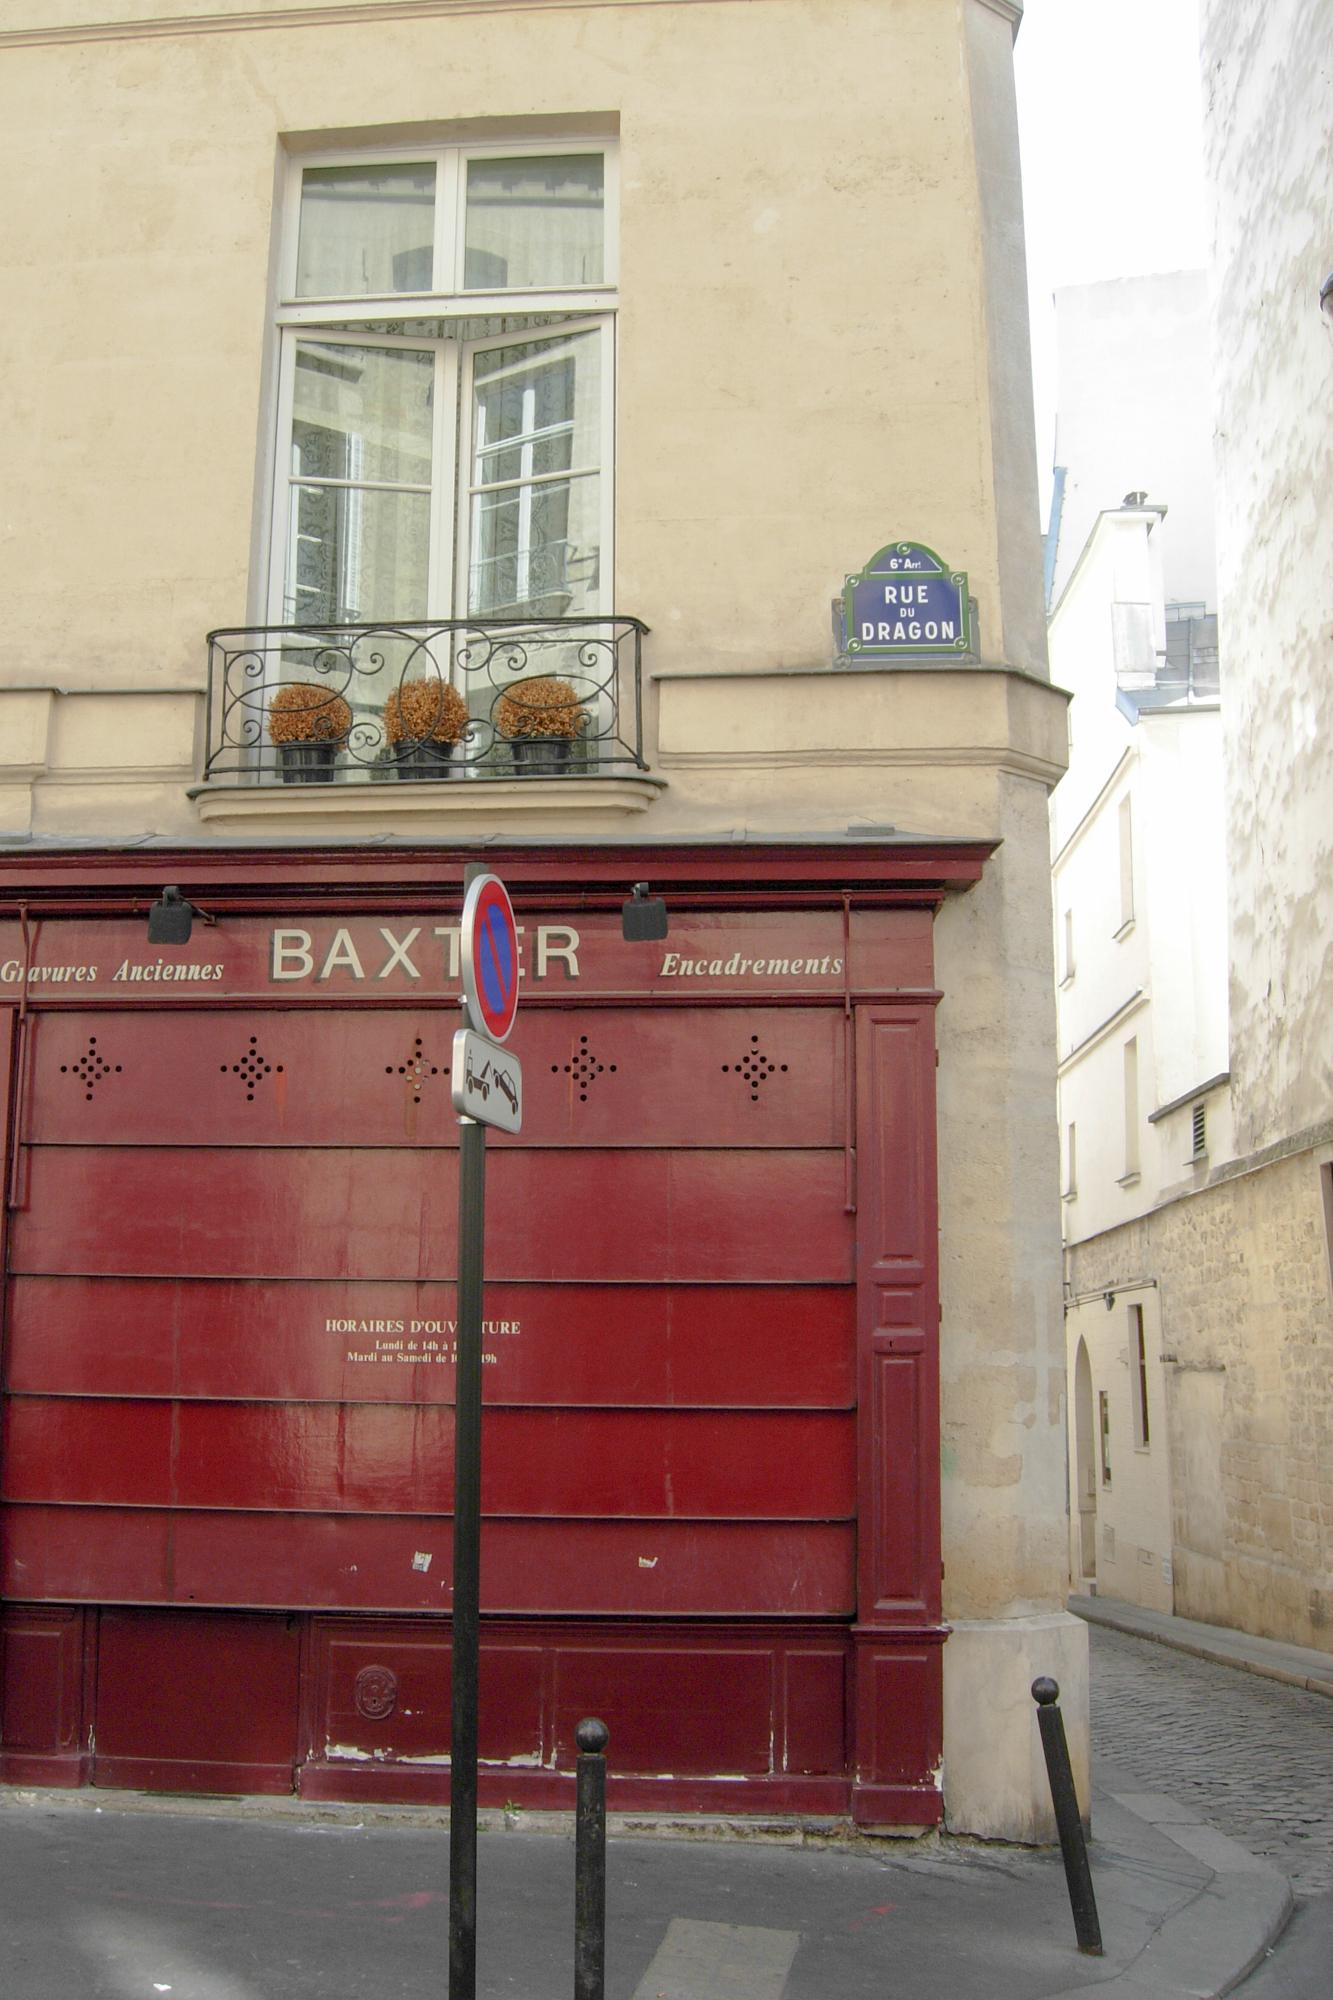 Rue de Dragon & Rue Bernard Palissy